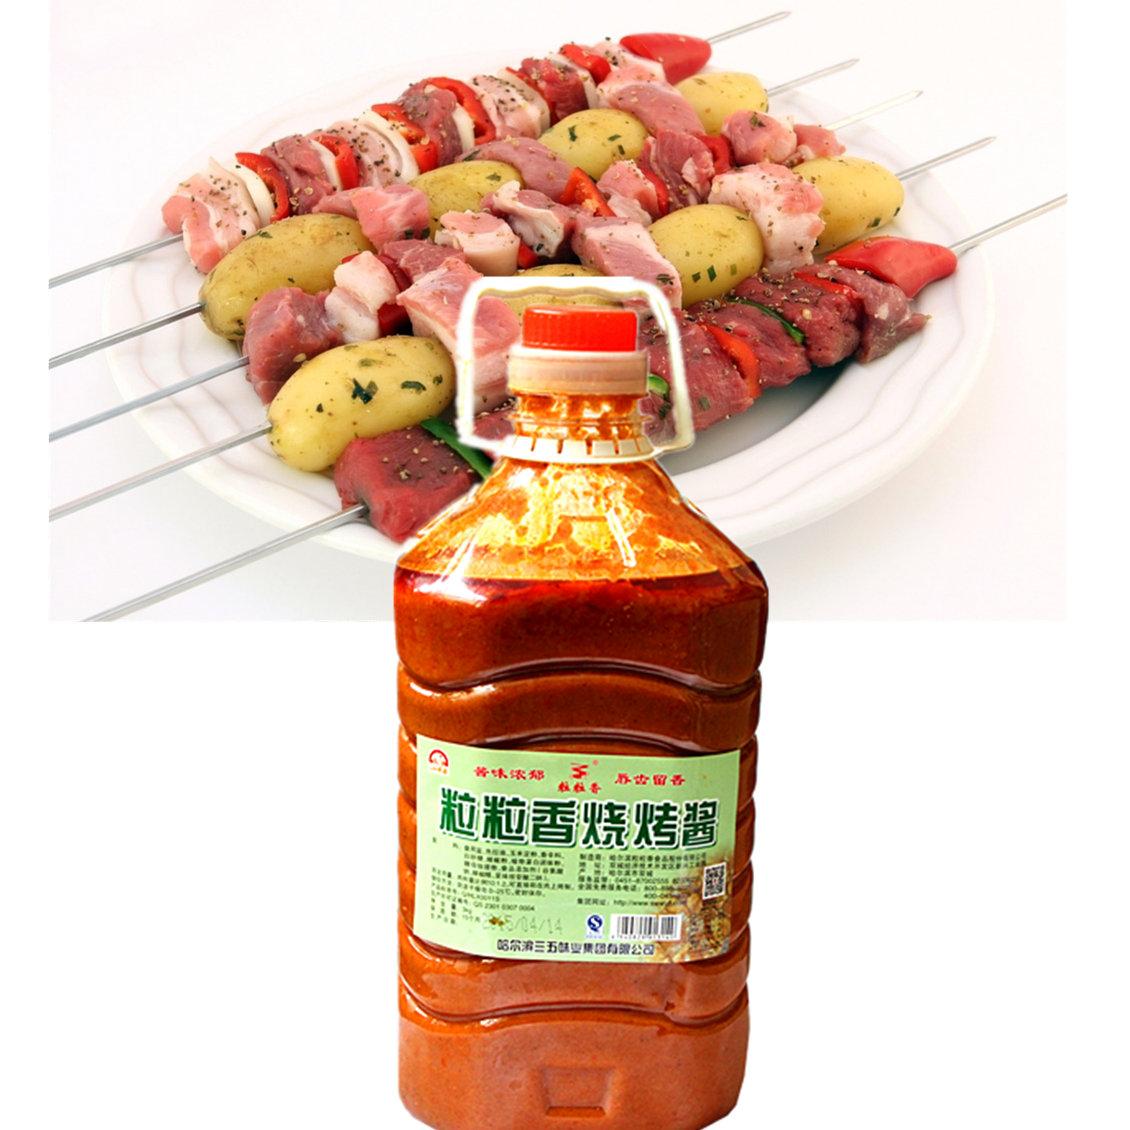 正品粒粒香烧烤酱烧烤料蒜蓉味调味料蔬菜涮酱 烤面筋酱3公斤包邮